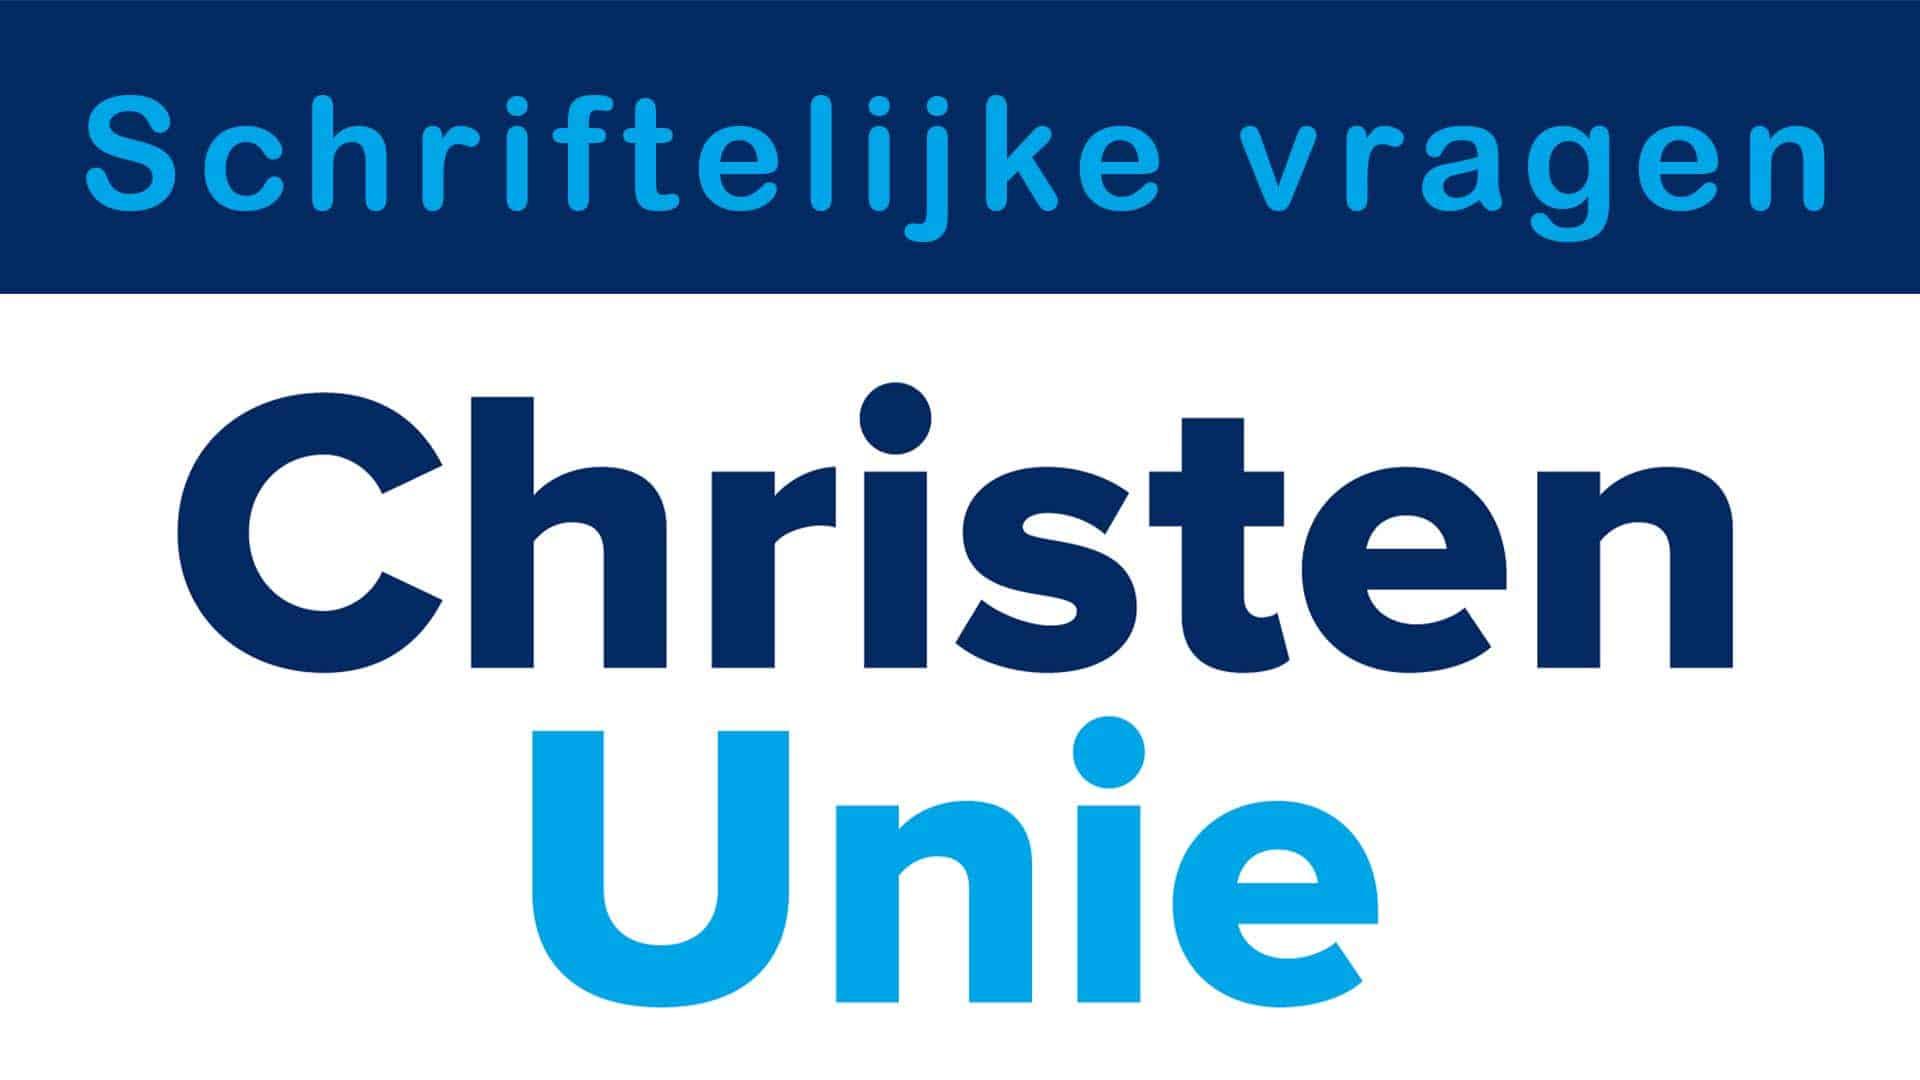 schriftelijke-vragen-christen-unie kopiëren